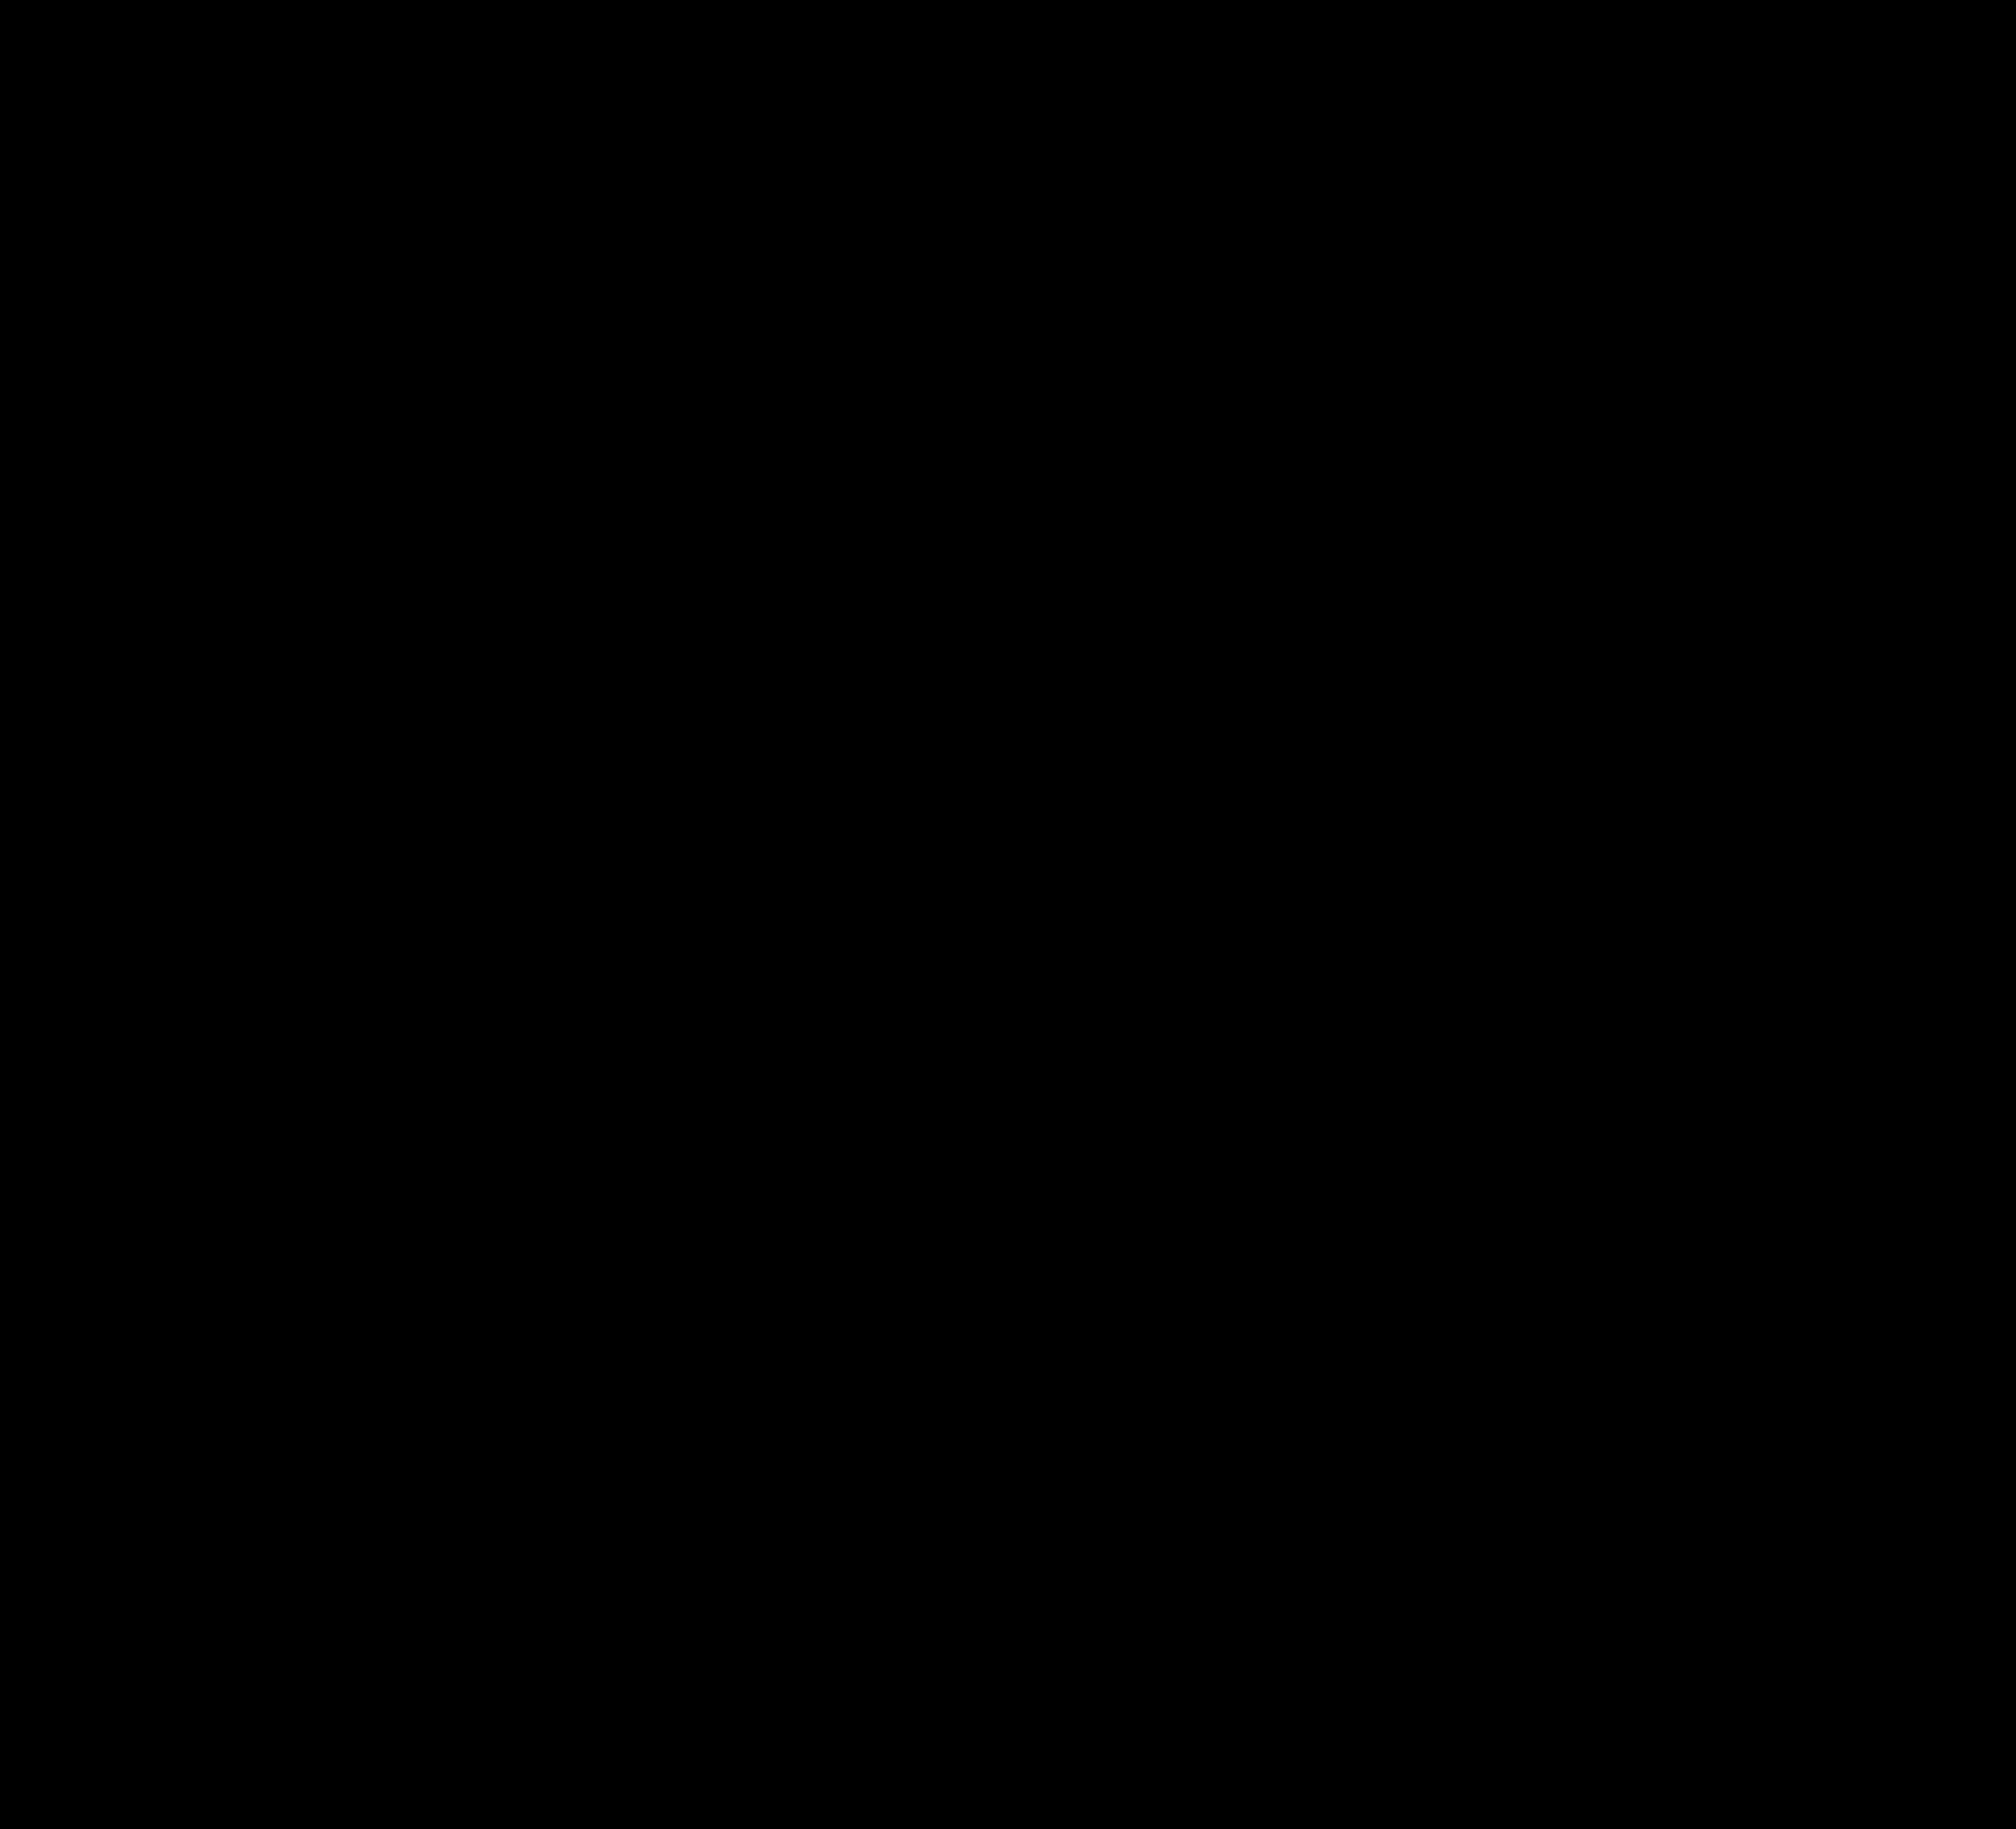 Skull And Crossbones Skull Wallpaper Clipart Black And White Skull